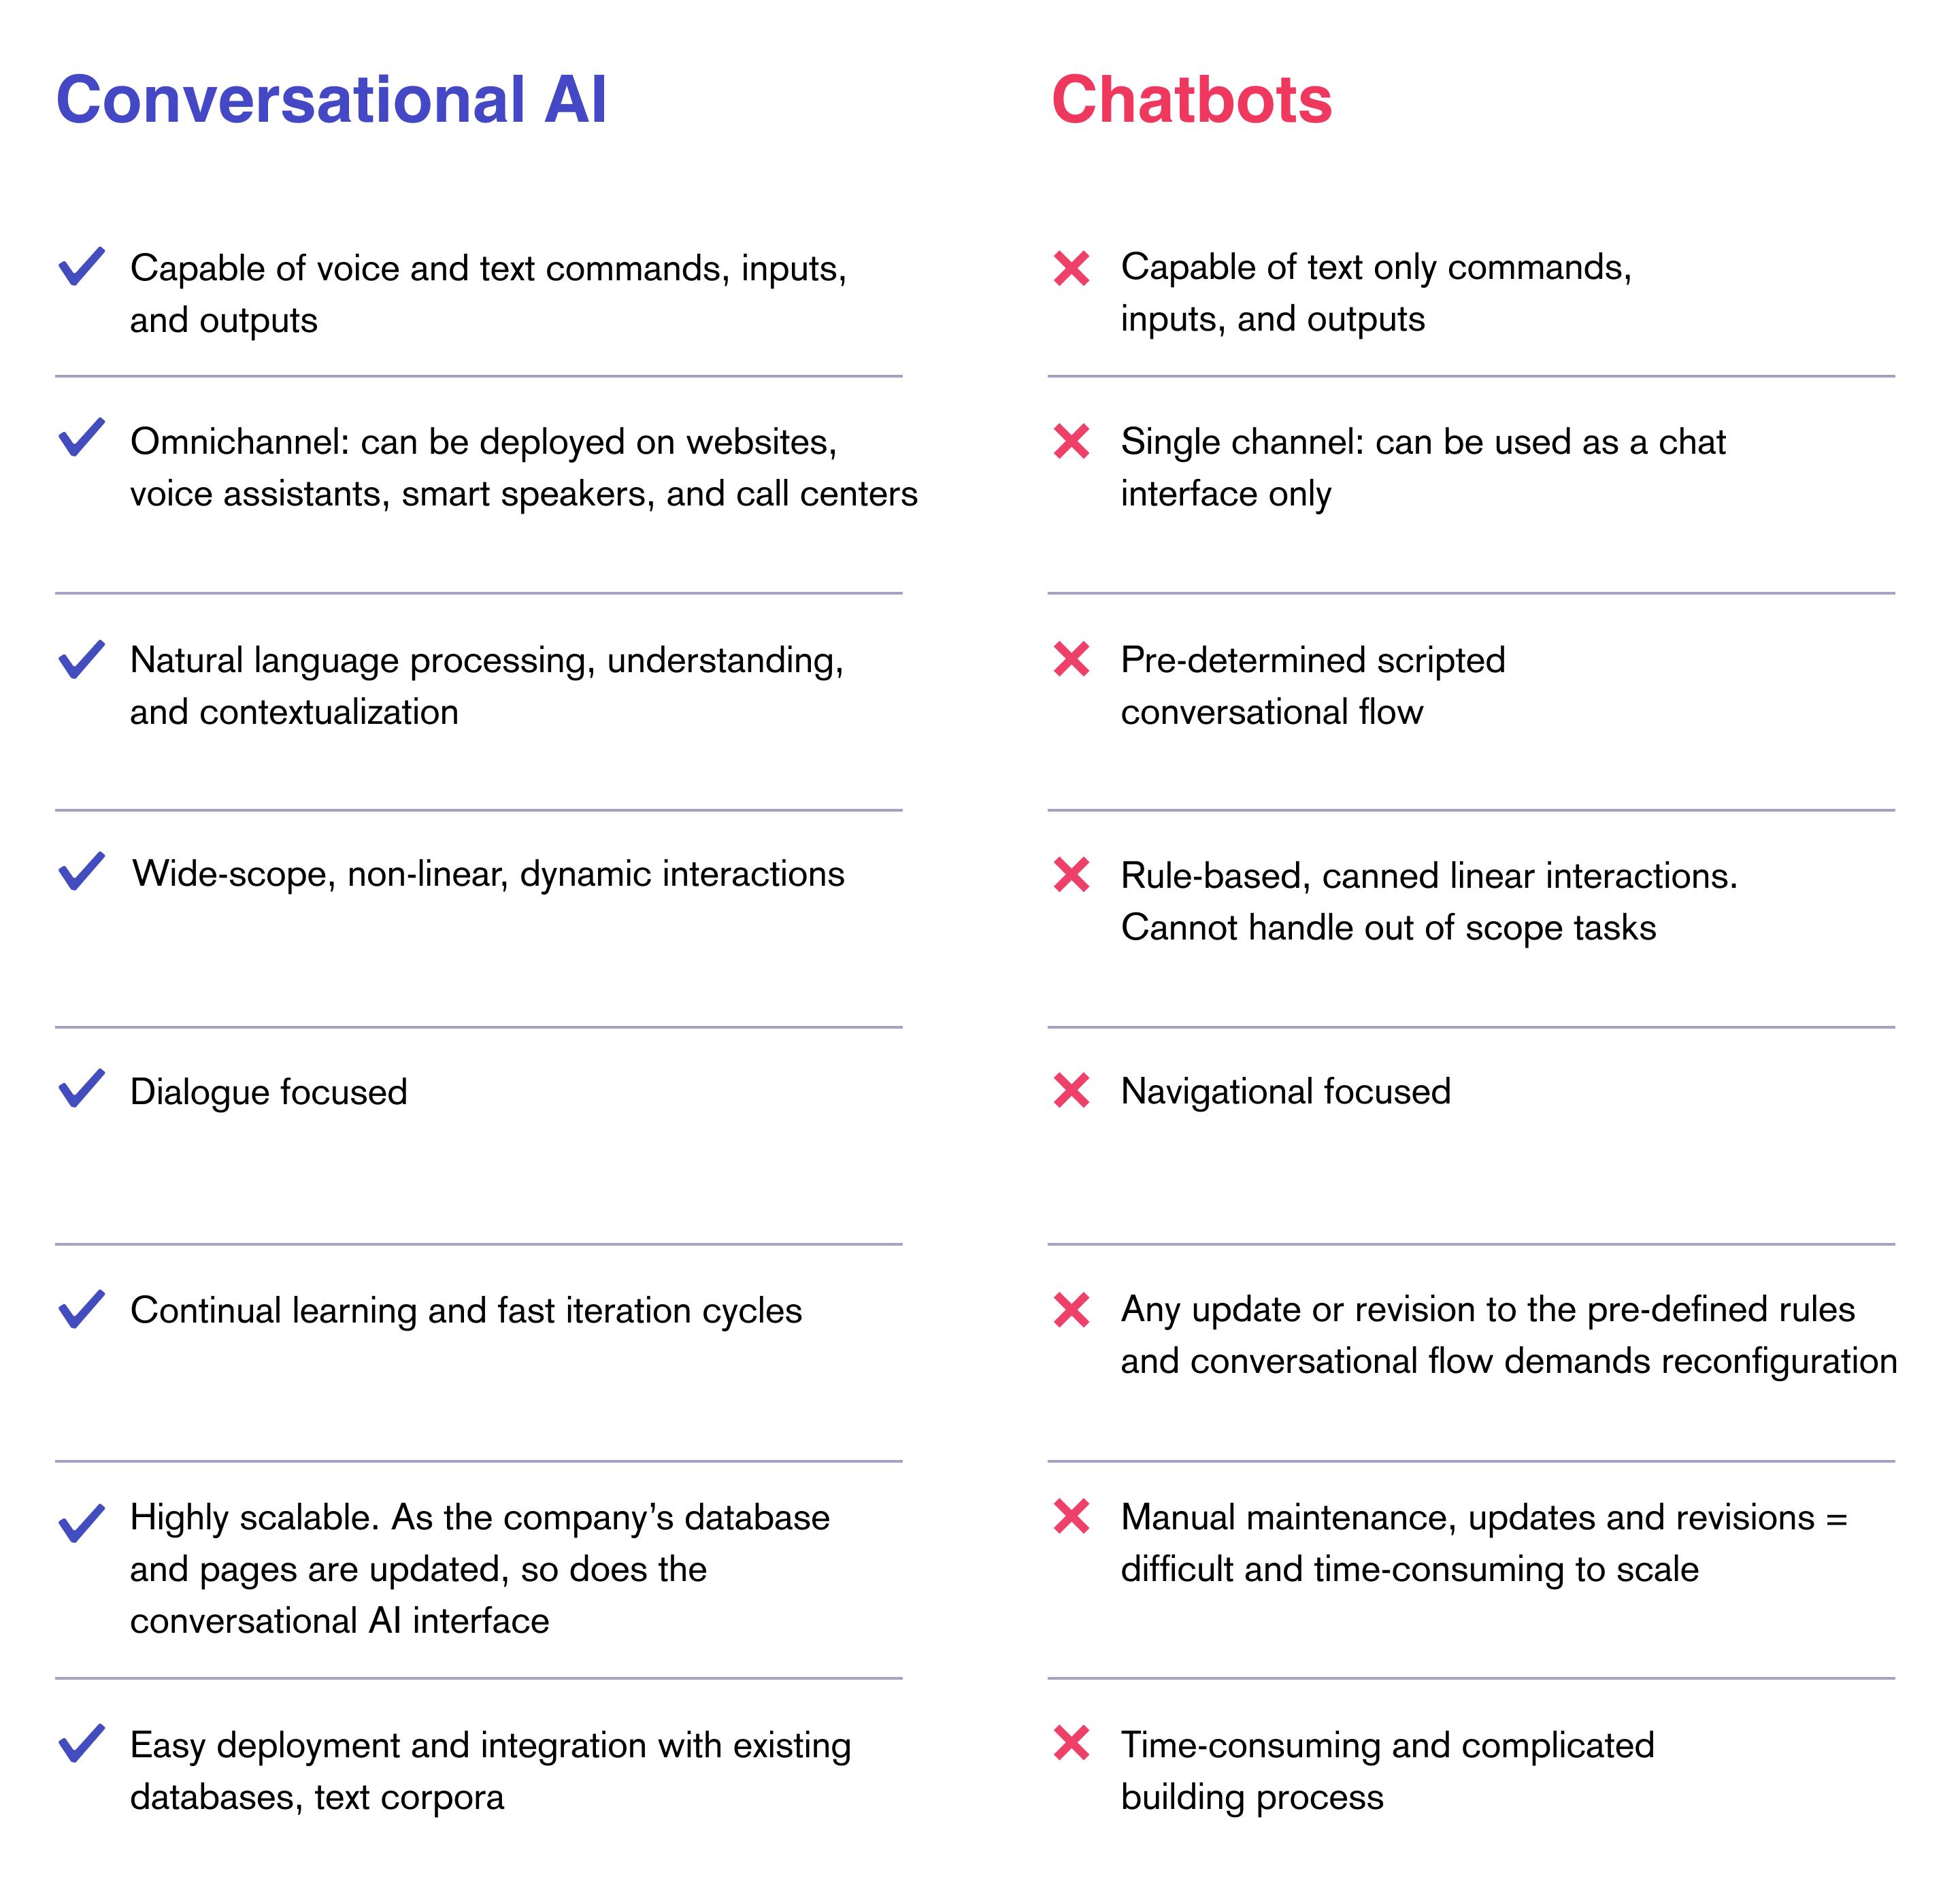 Conversational AI Vs. Chatbots comparison chart